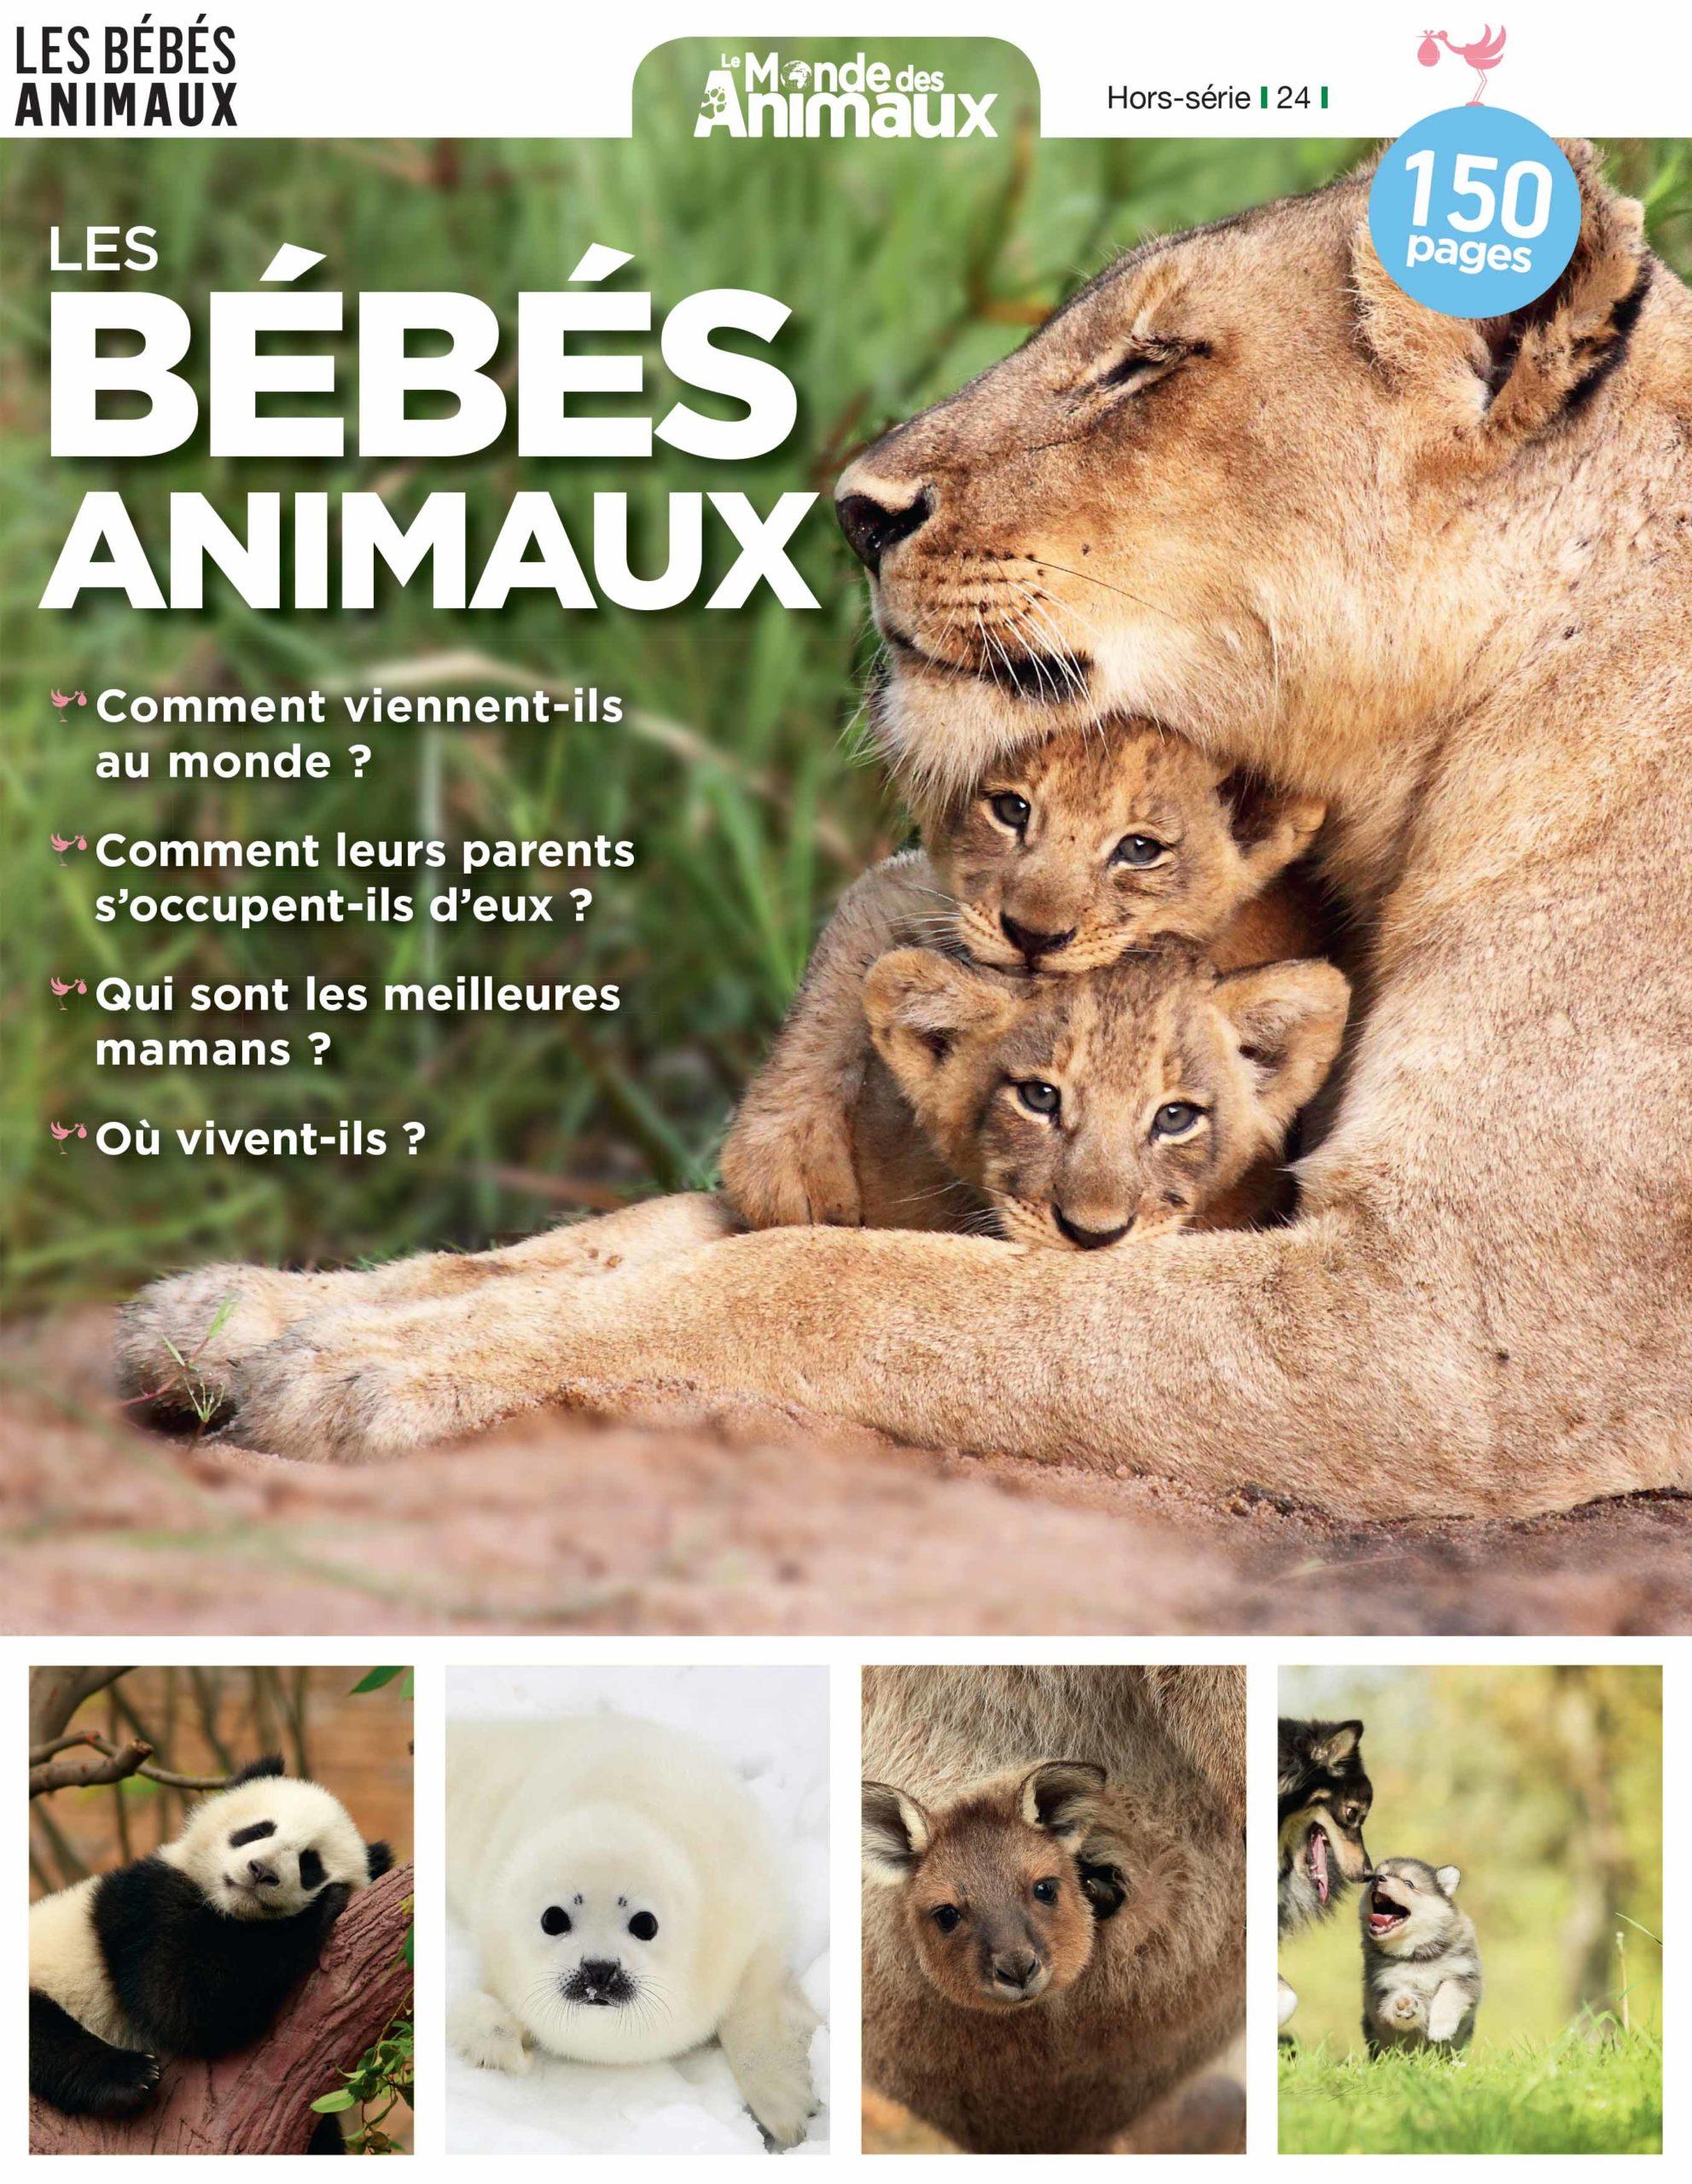 Le Monde des Animaux - hors-série